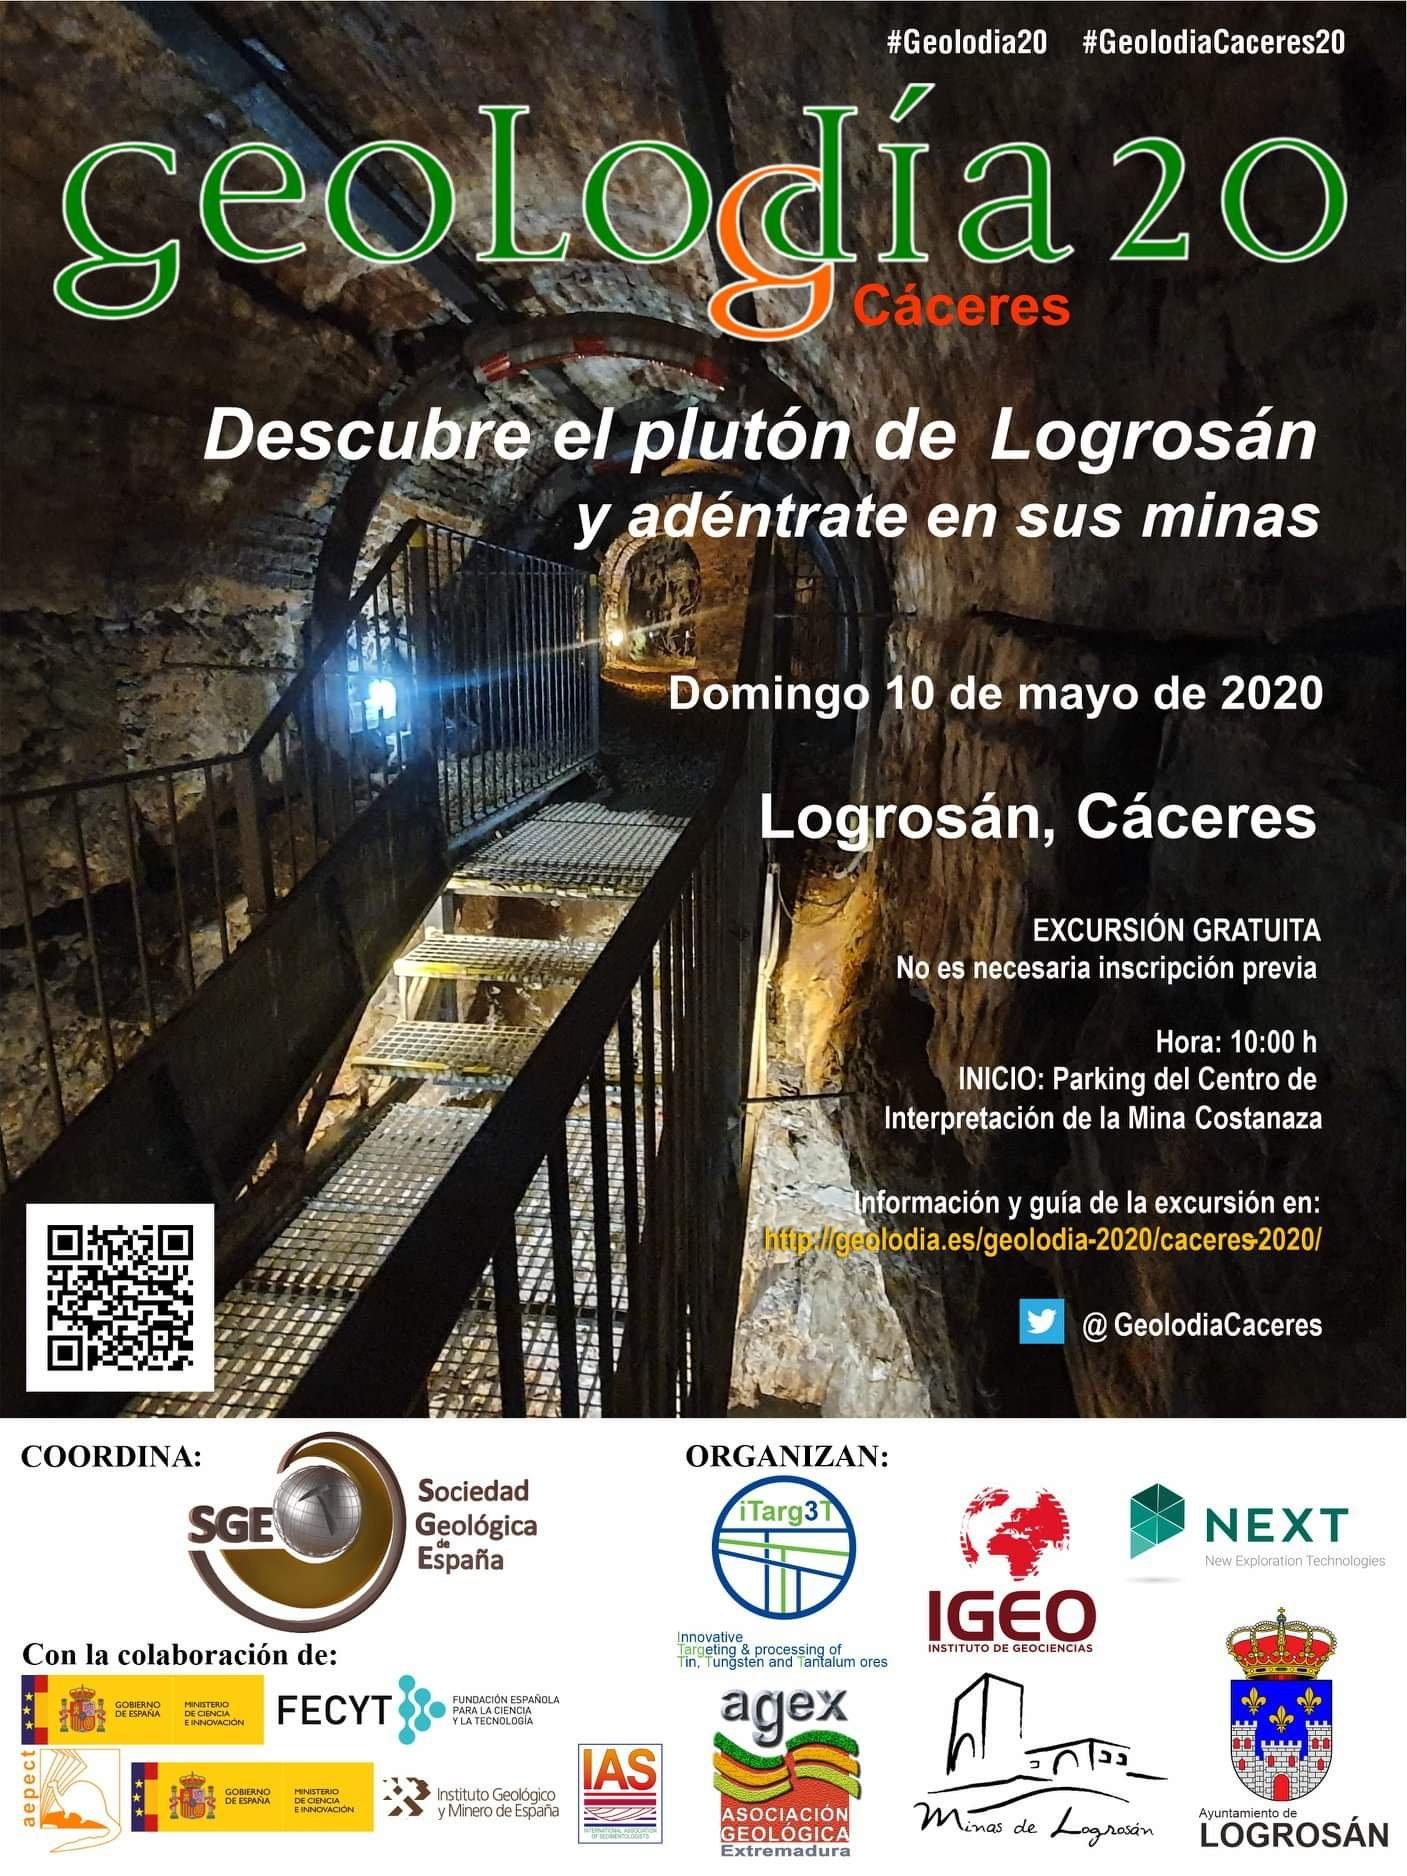 Geolodía 2020 - Logrosán (Cáceres)